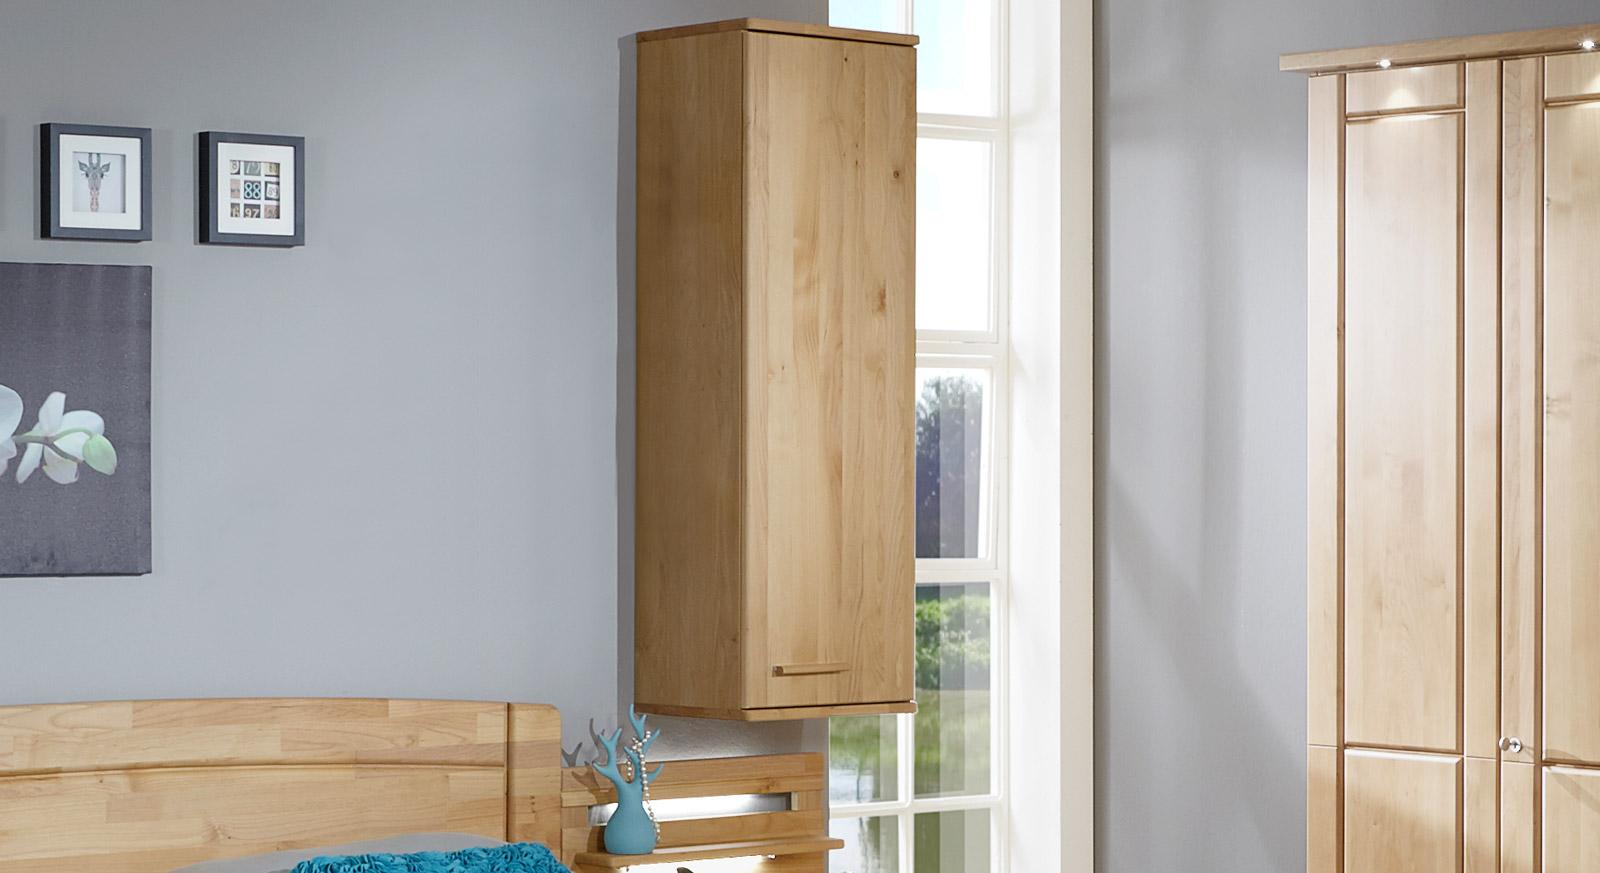 h ngeschrank f r schlafzimmer optional mit regalb den. Black Bedroom Furniture Sets. Home Design Ideas